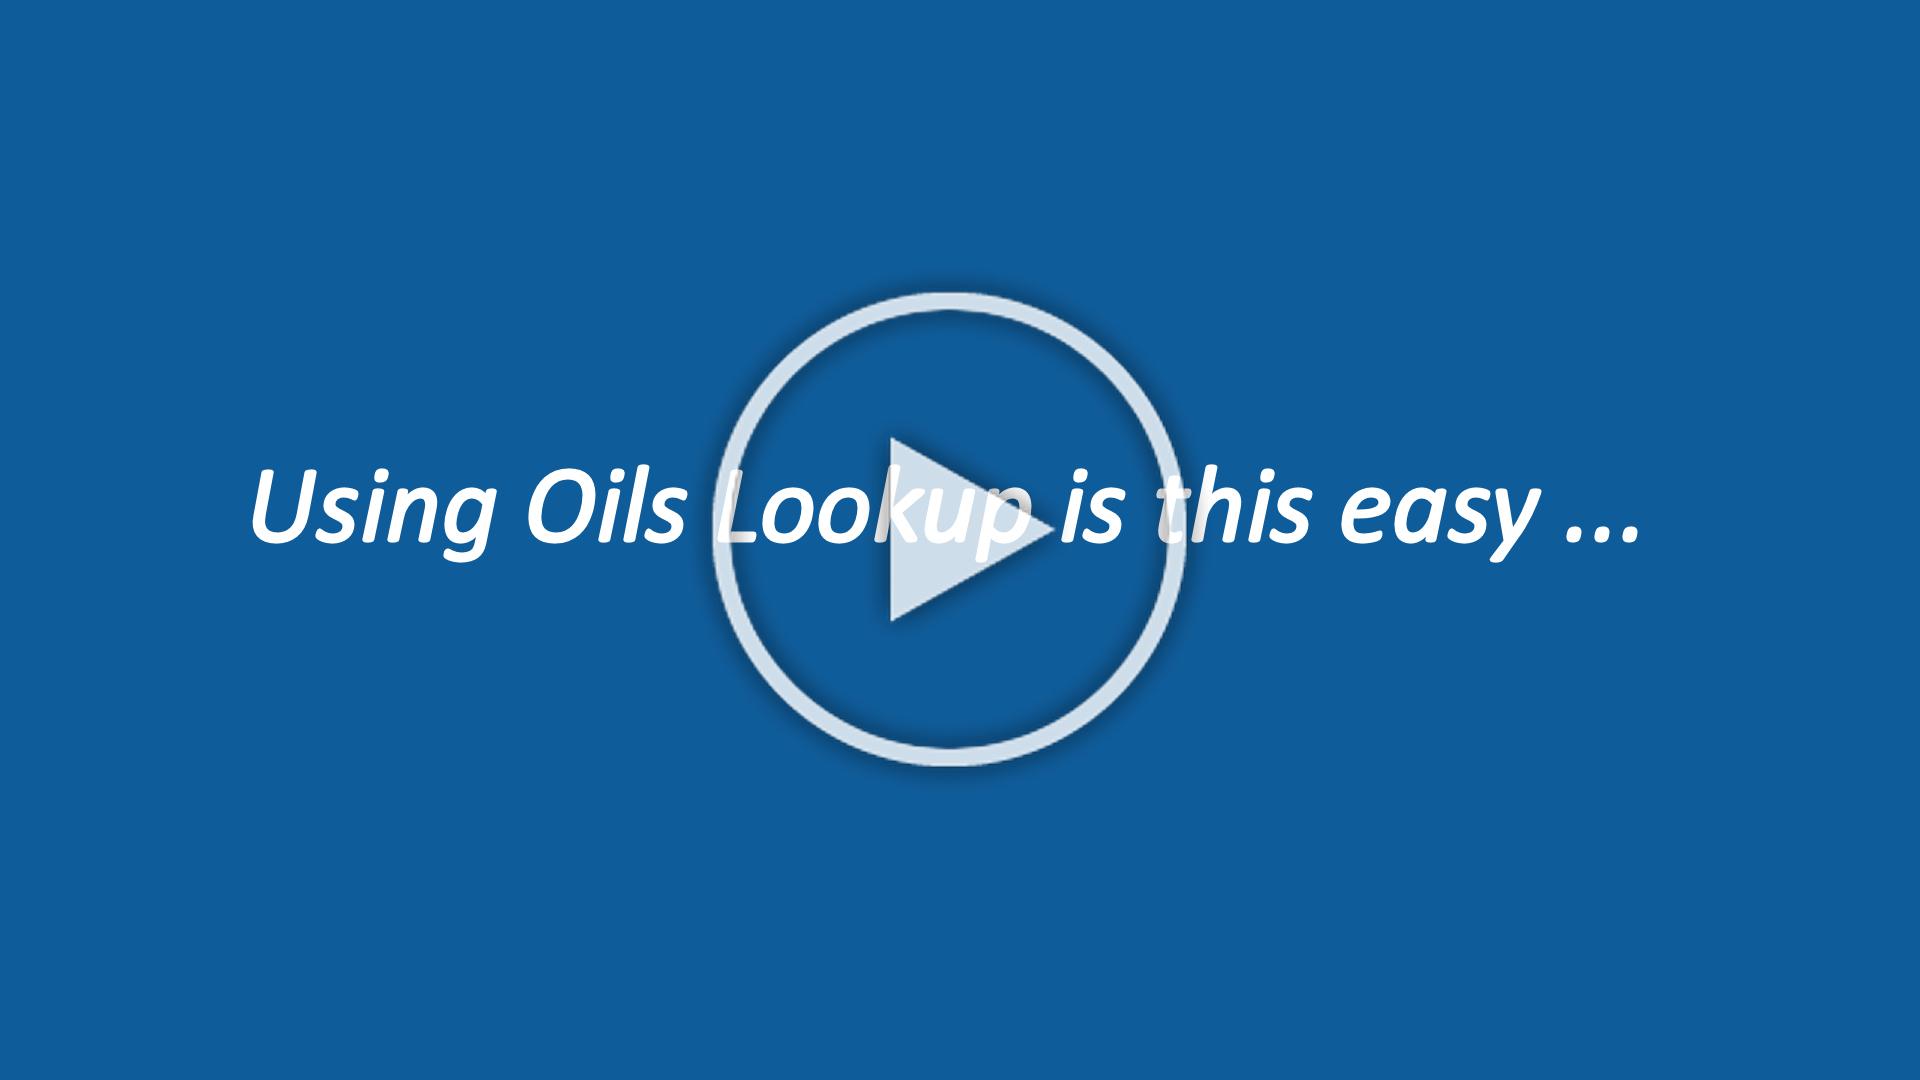 oils_lookup_video.jpg